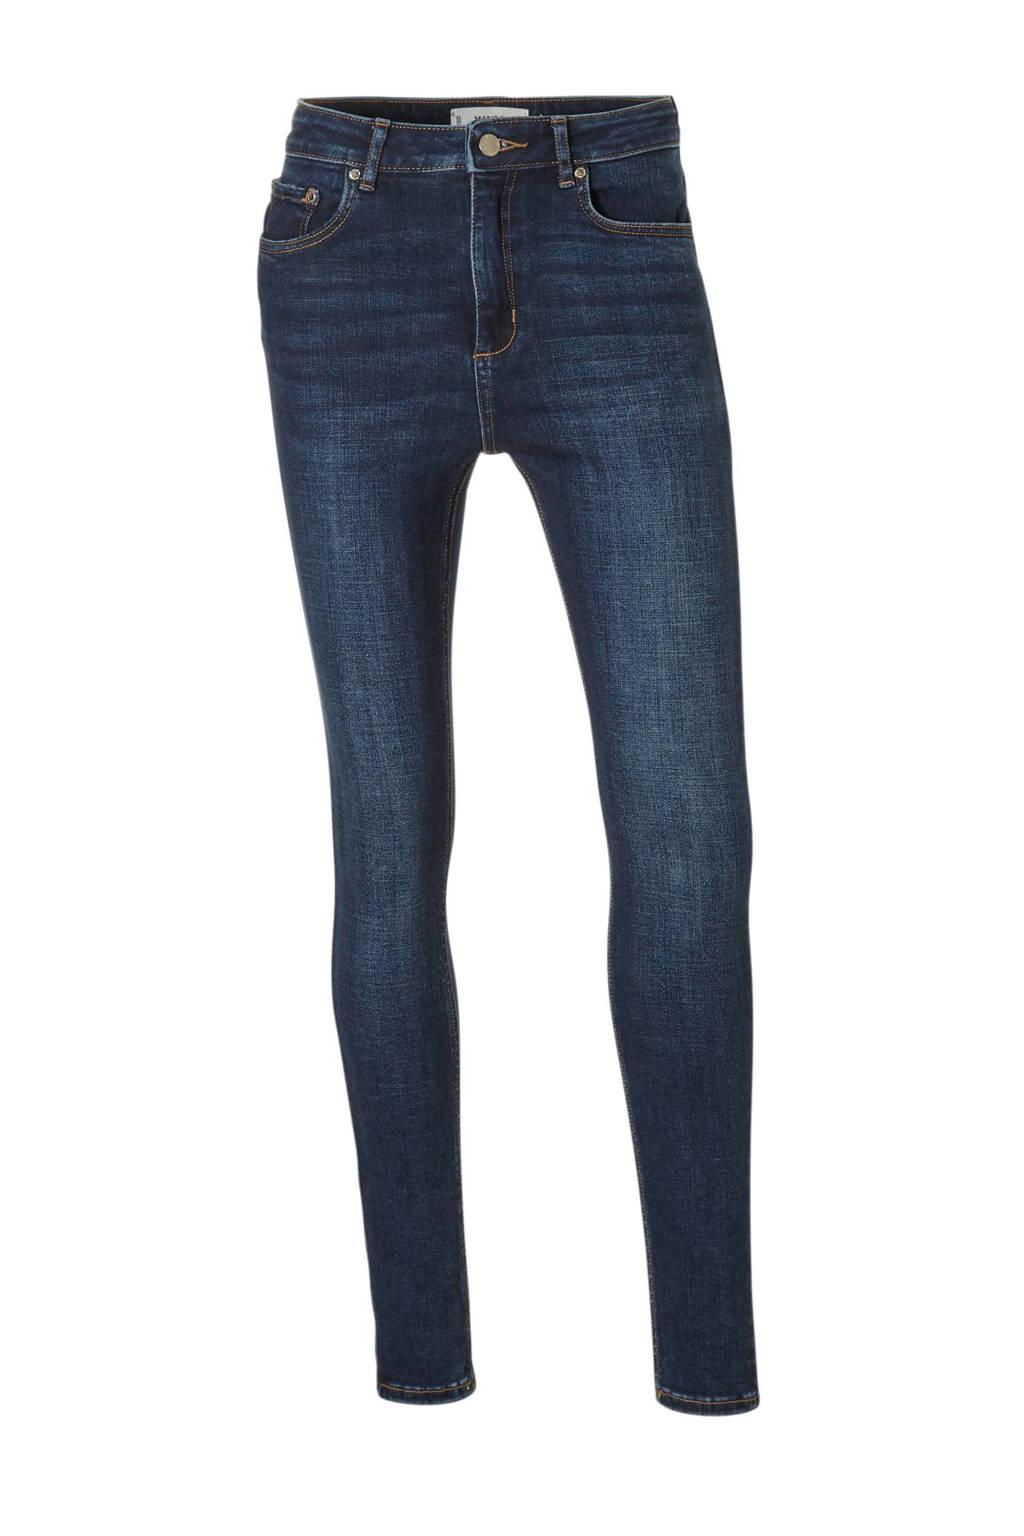 Mango skinny fit jeans blauw, Blauw